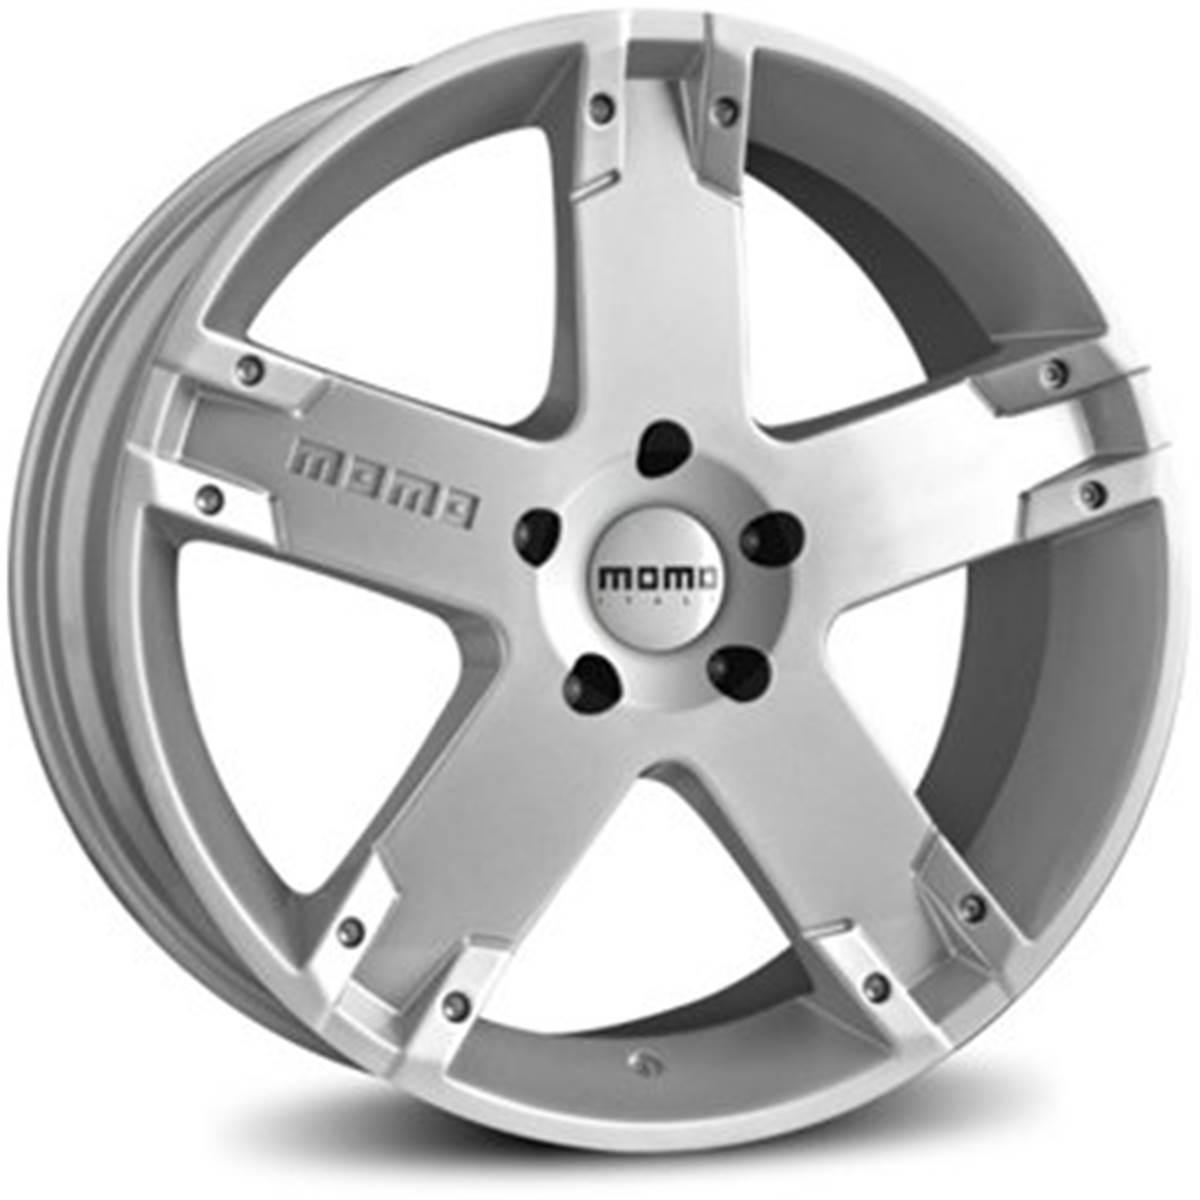 Jante MOMO Storm G2 Silver 8,5x20 5x112ET35